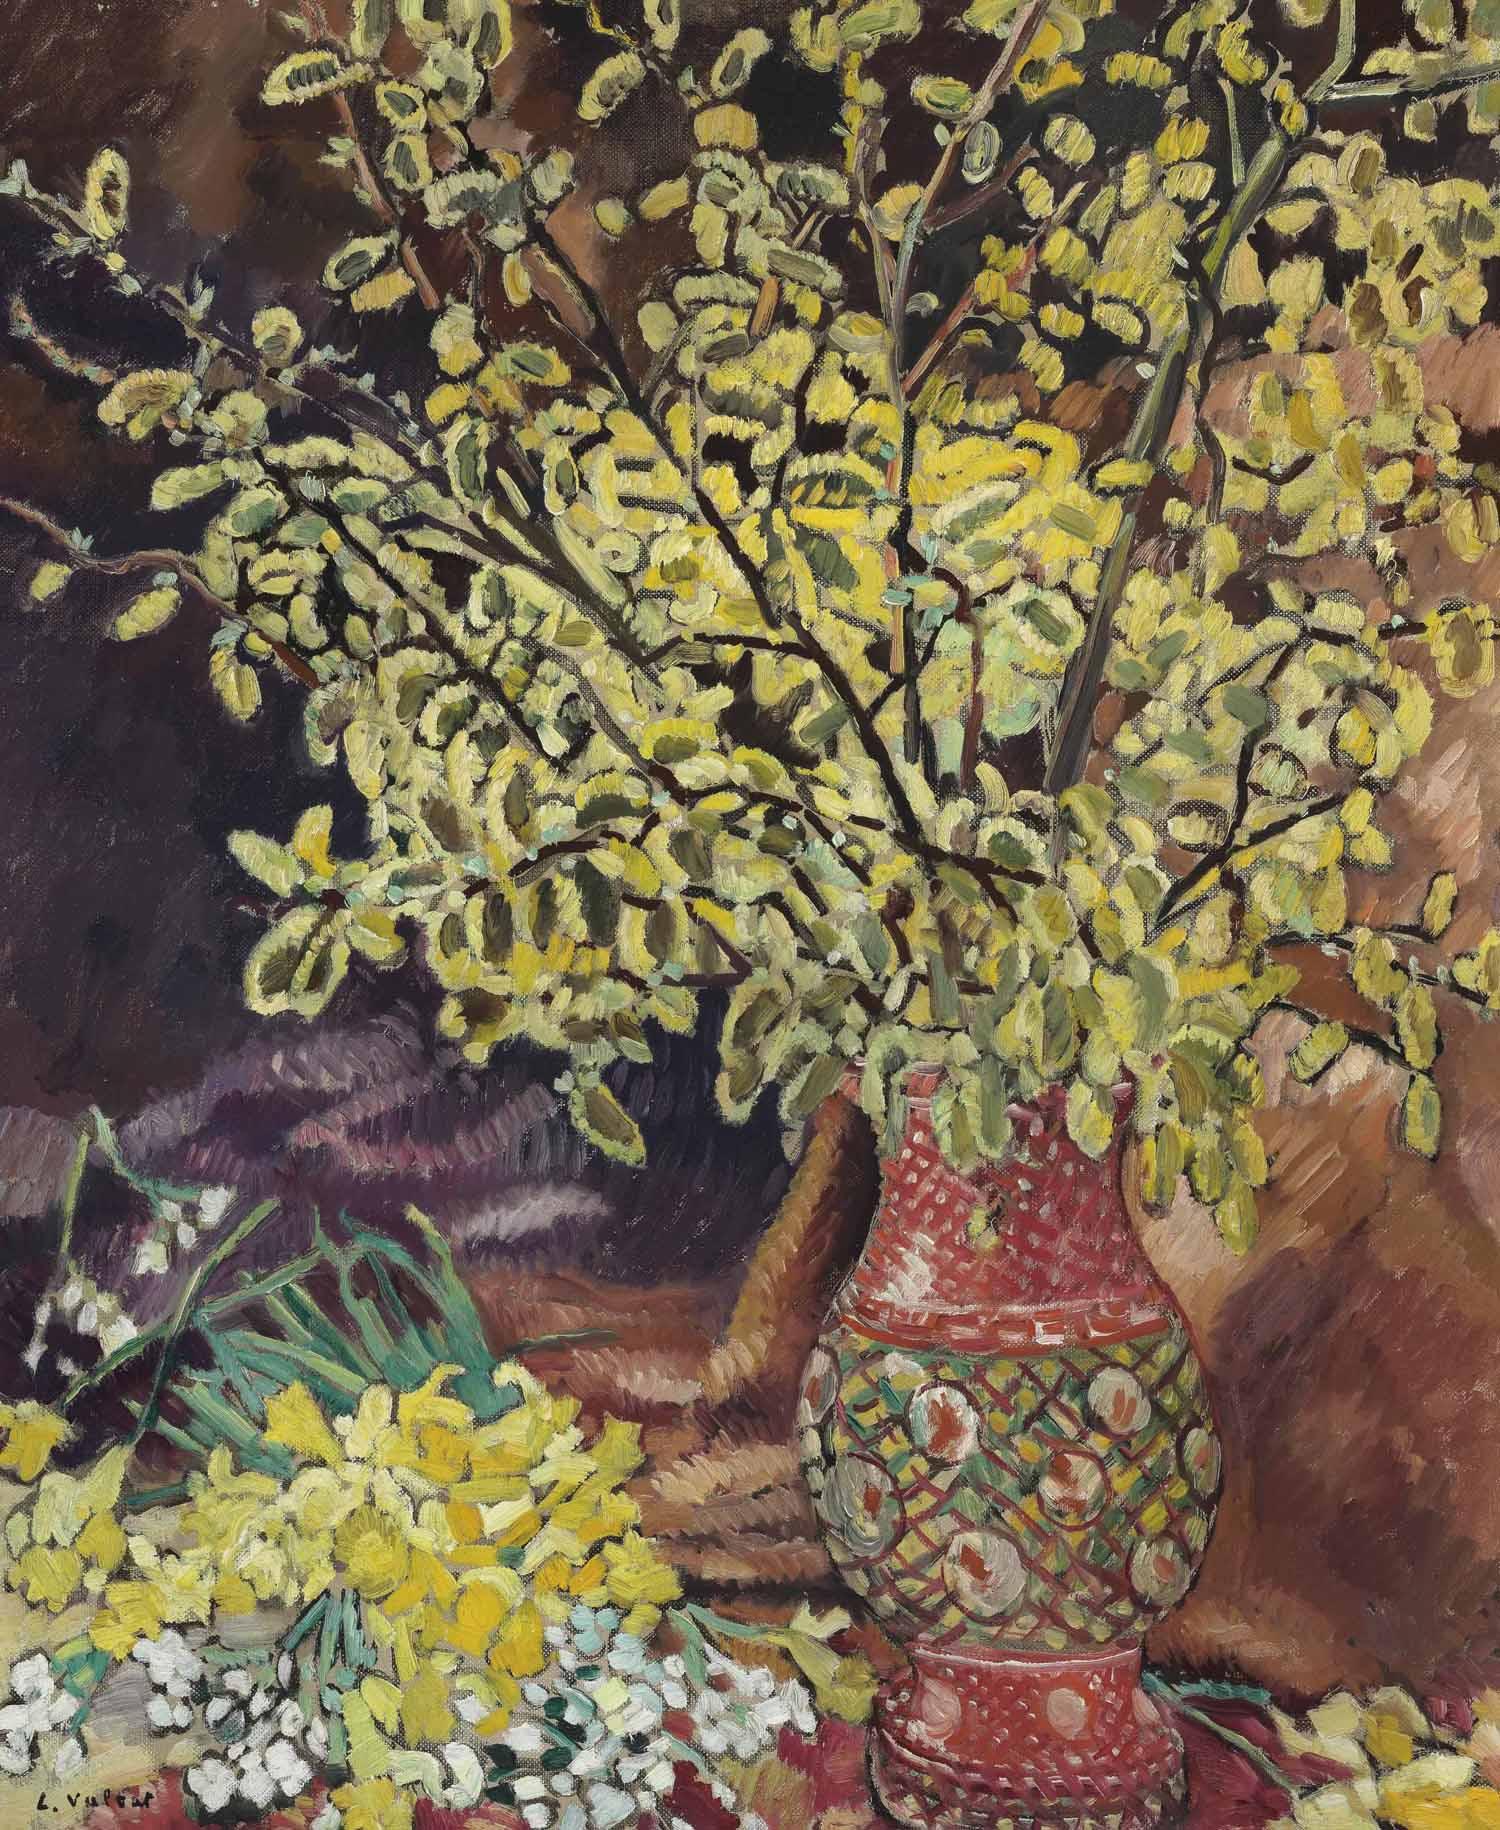 Balle de couscous et vase de fleurs